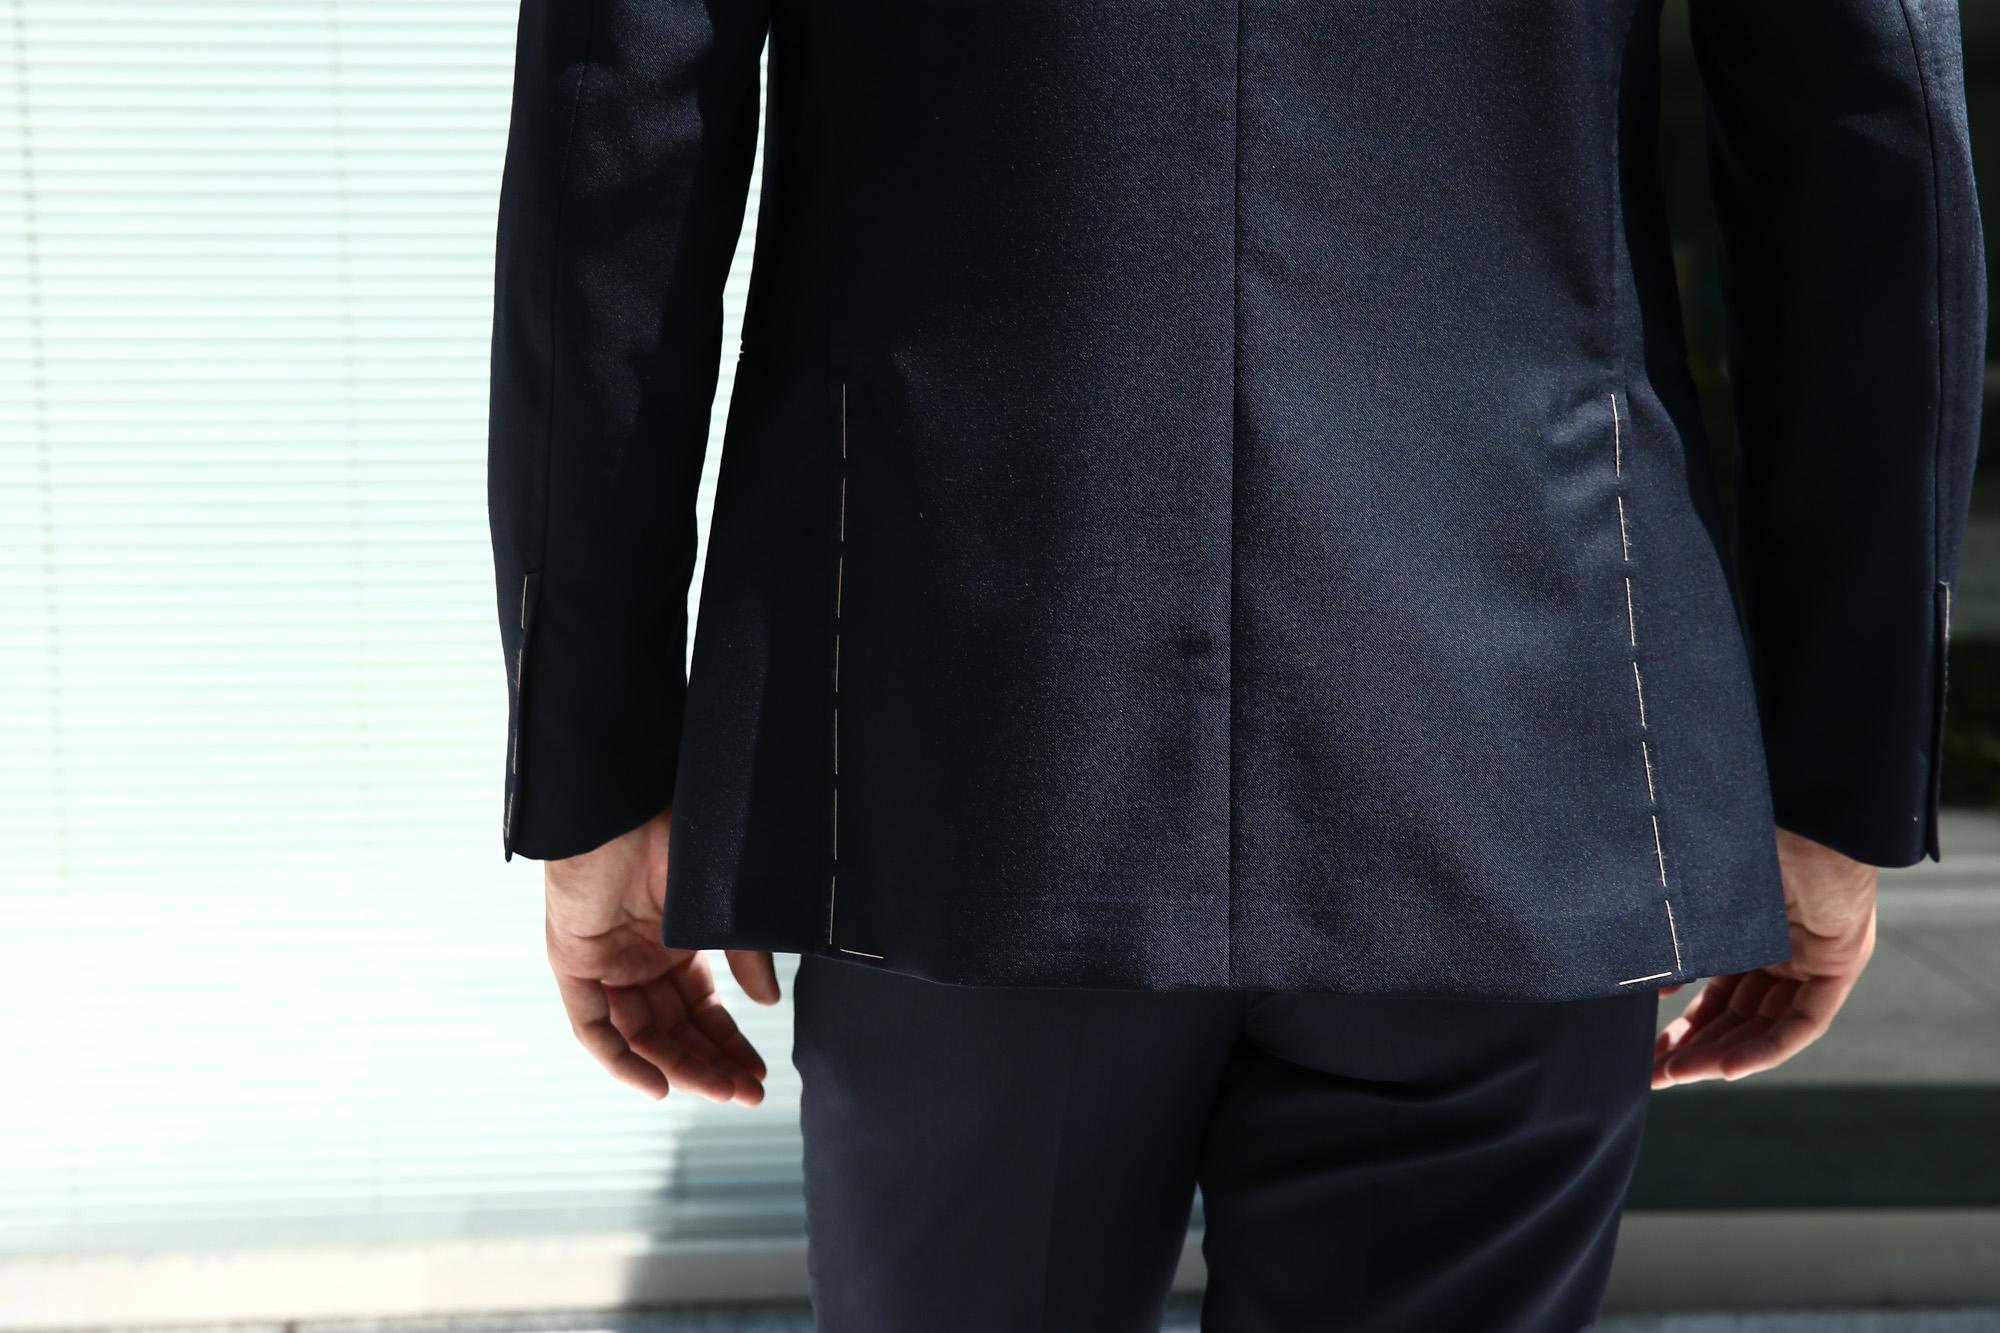 LARDINI (ラルディーニ) SARTORIA (サルトリア) トロピカル サマーウール 段返り3B サマー スーツ NAVY (ネイビー・5) Made in italy (イタリア製) 2018 春夏新作 lardini ラルディーニ  愛知 名古屋 Alto e Diritto アルト エ デリット